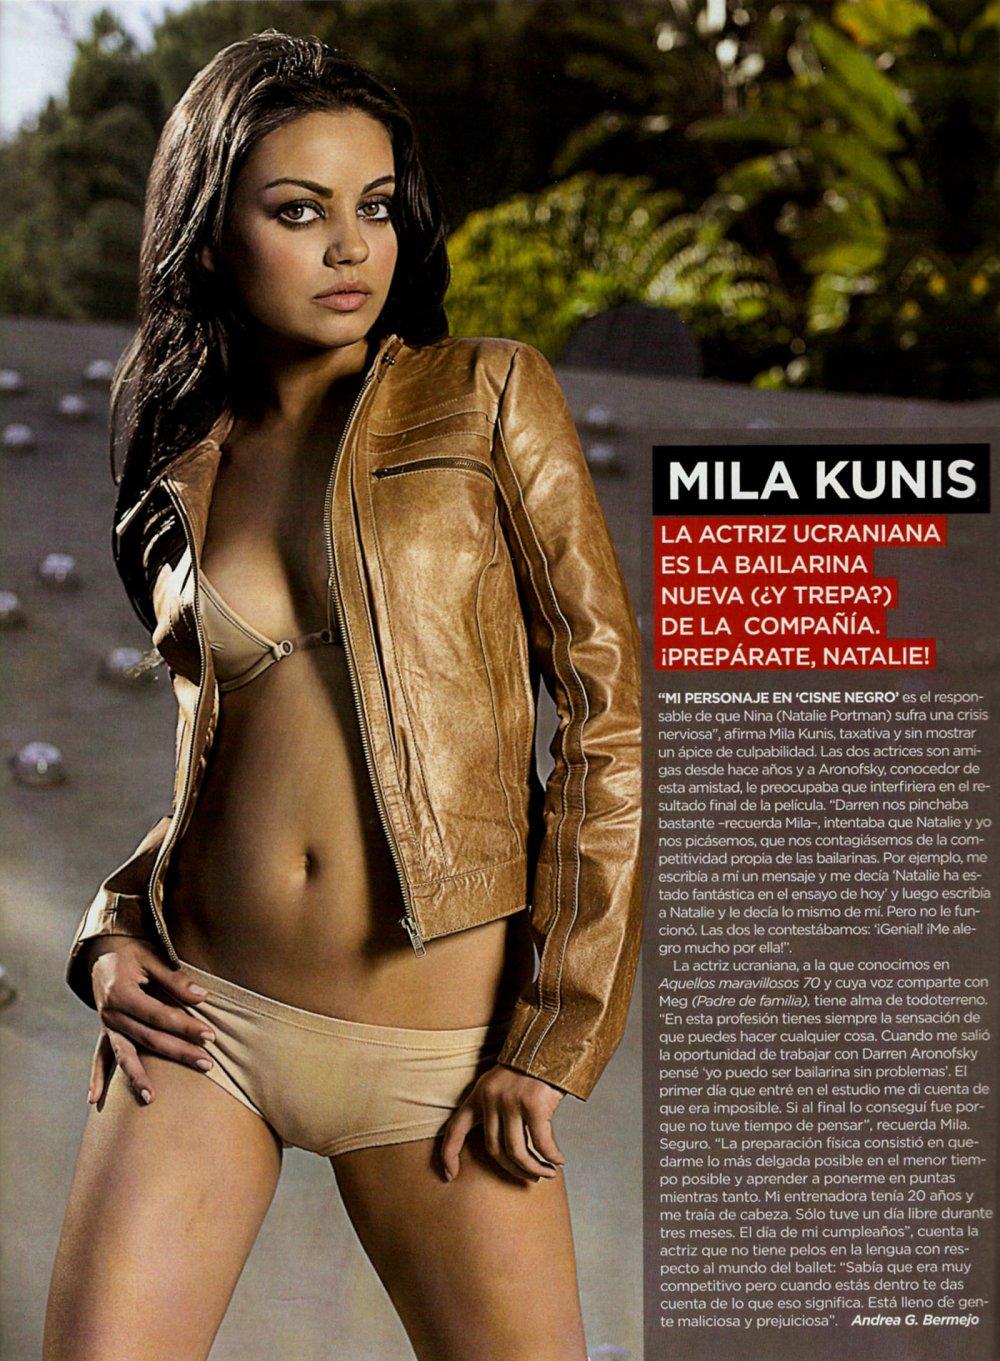 Mila Kunis Looking Hot In Lingerie